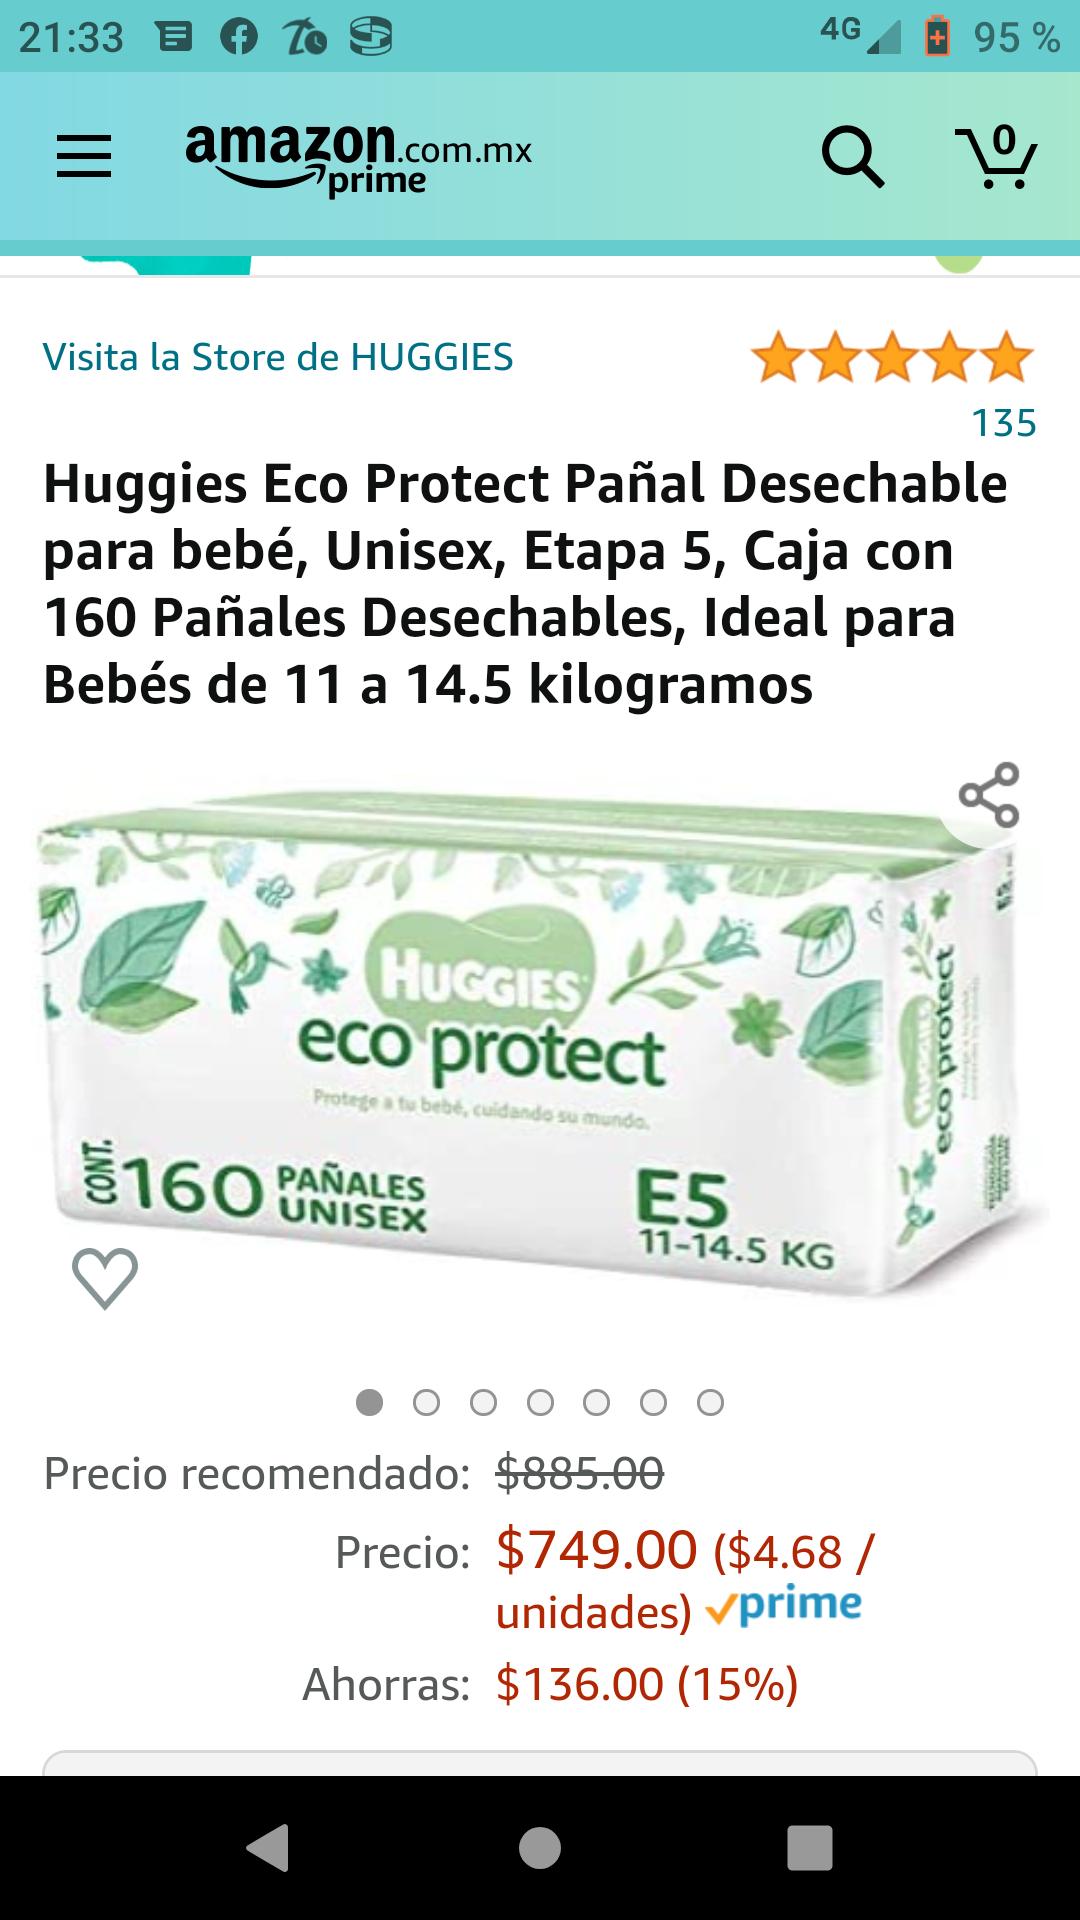 Amazon: Huggies eco protect